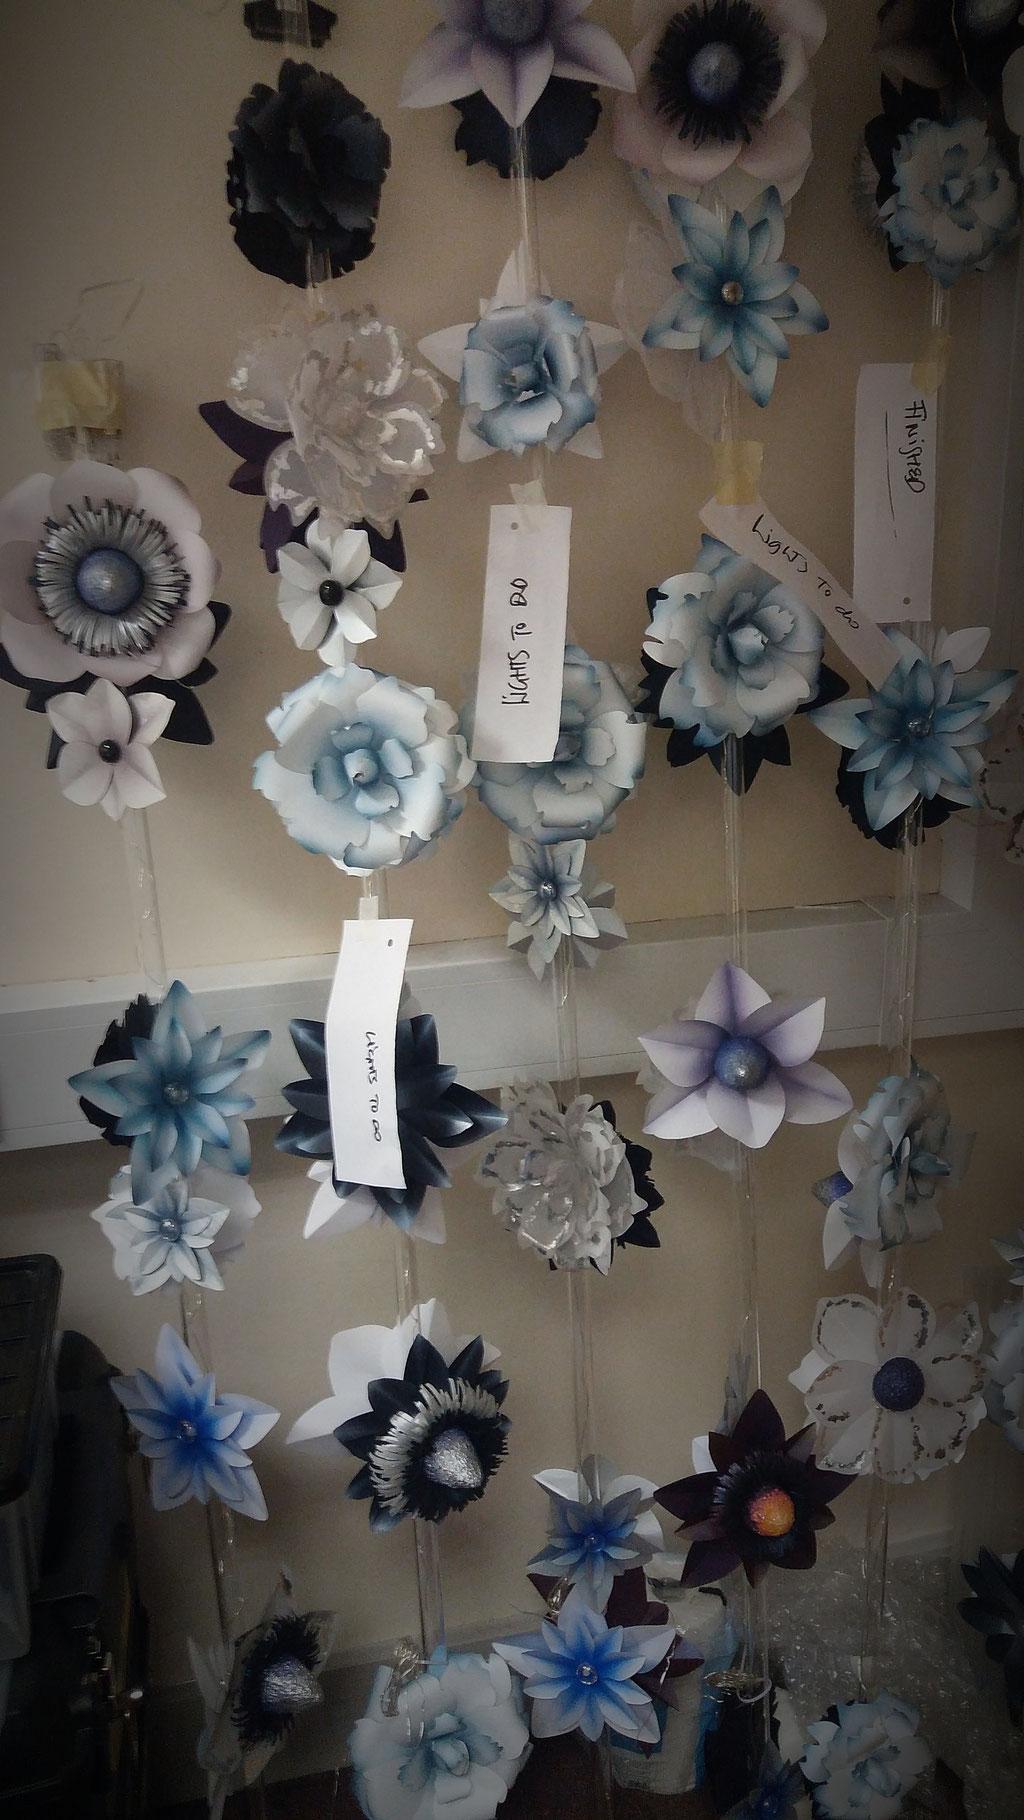 decorazione natalizia, fiori di carta su tubi Plexiglass e illuminazione micro LED